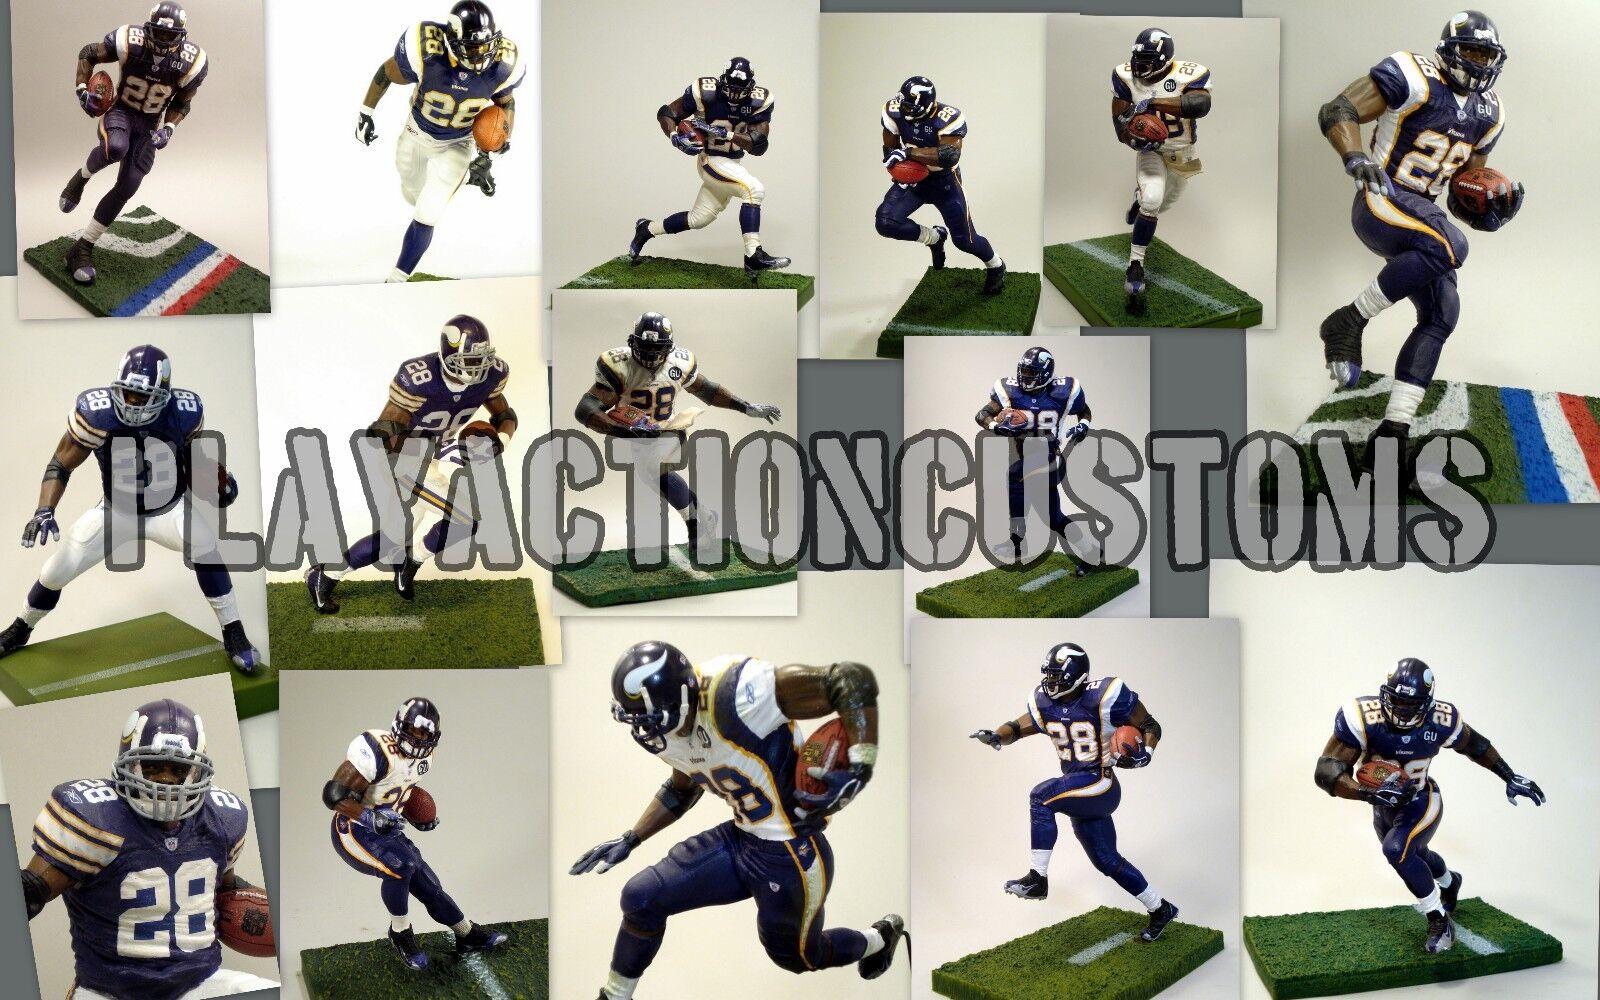 Elección del 1 de Minnesota Vikings Custom Figura De Acción hecho C / Mcfarlane Nfl